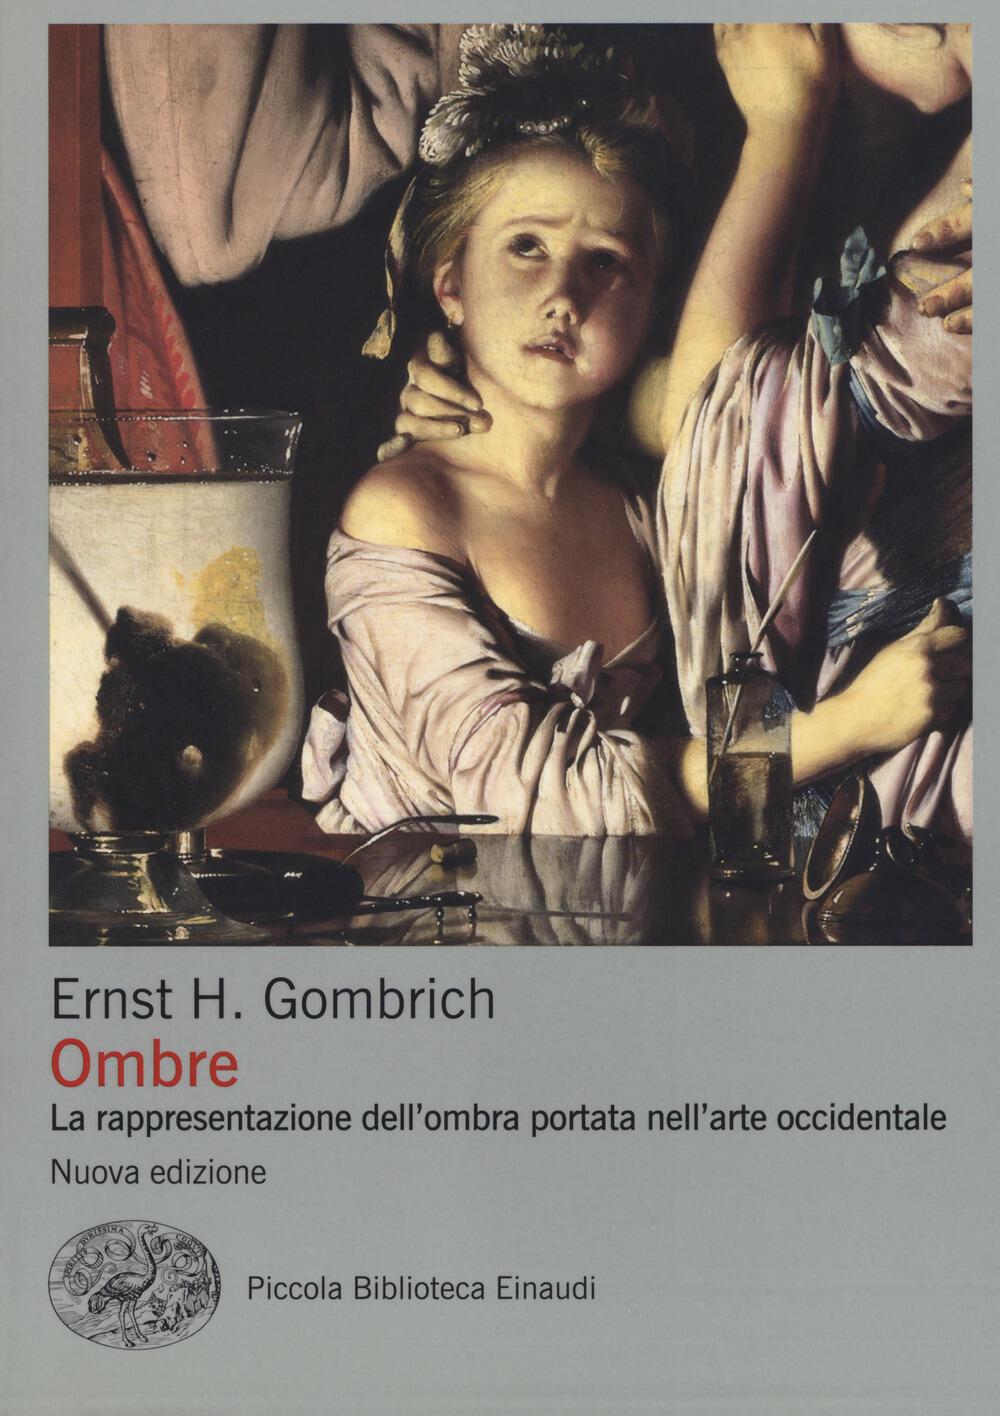 Risultati immagini per Gombrich: Ombre, Piccola Biblioteca Einaudi